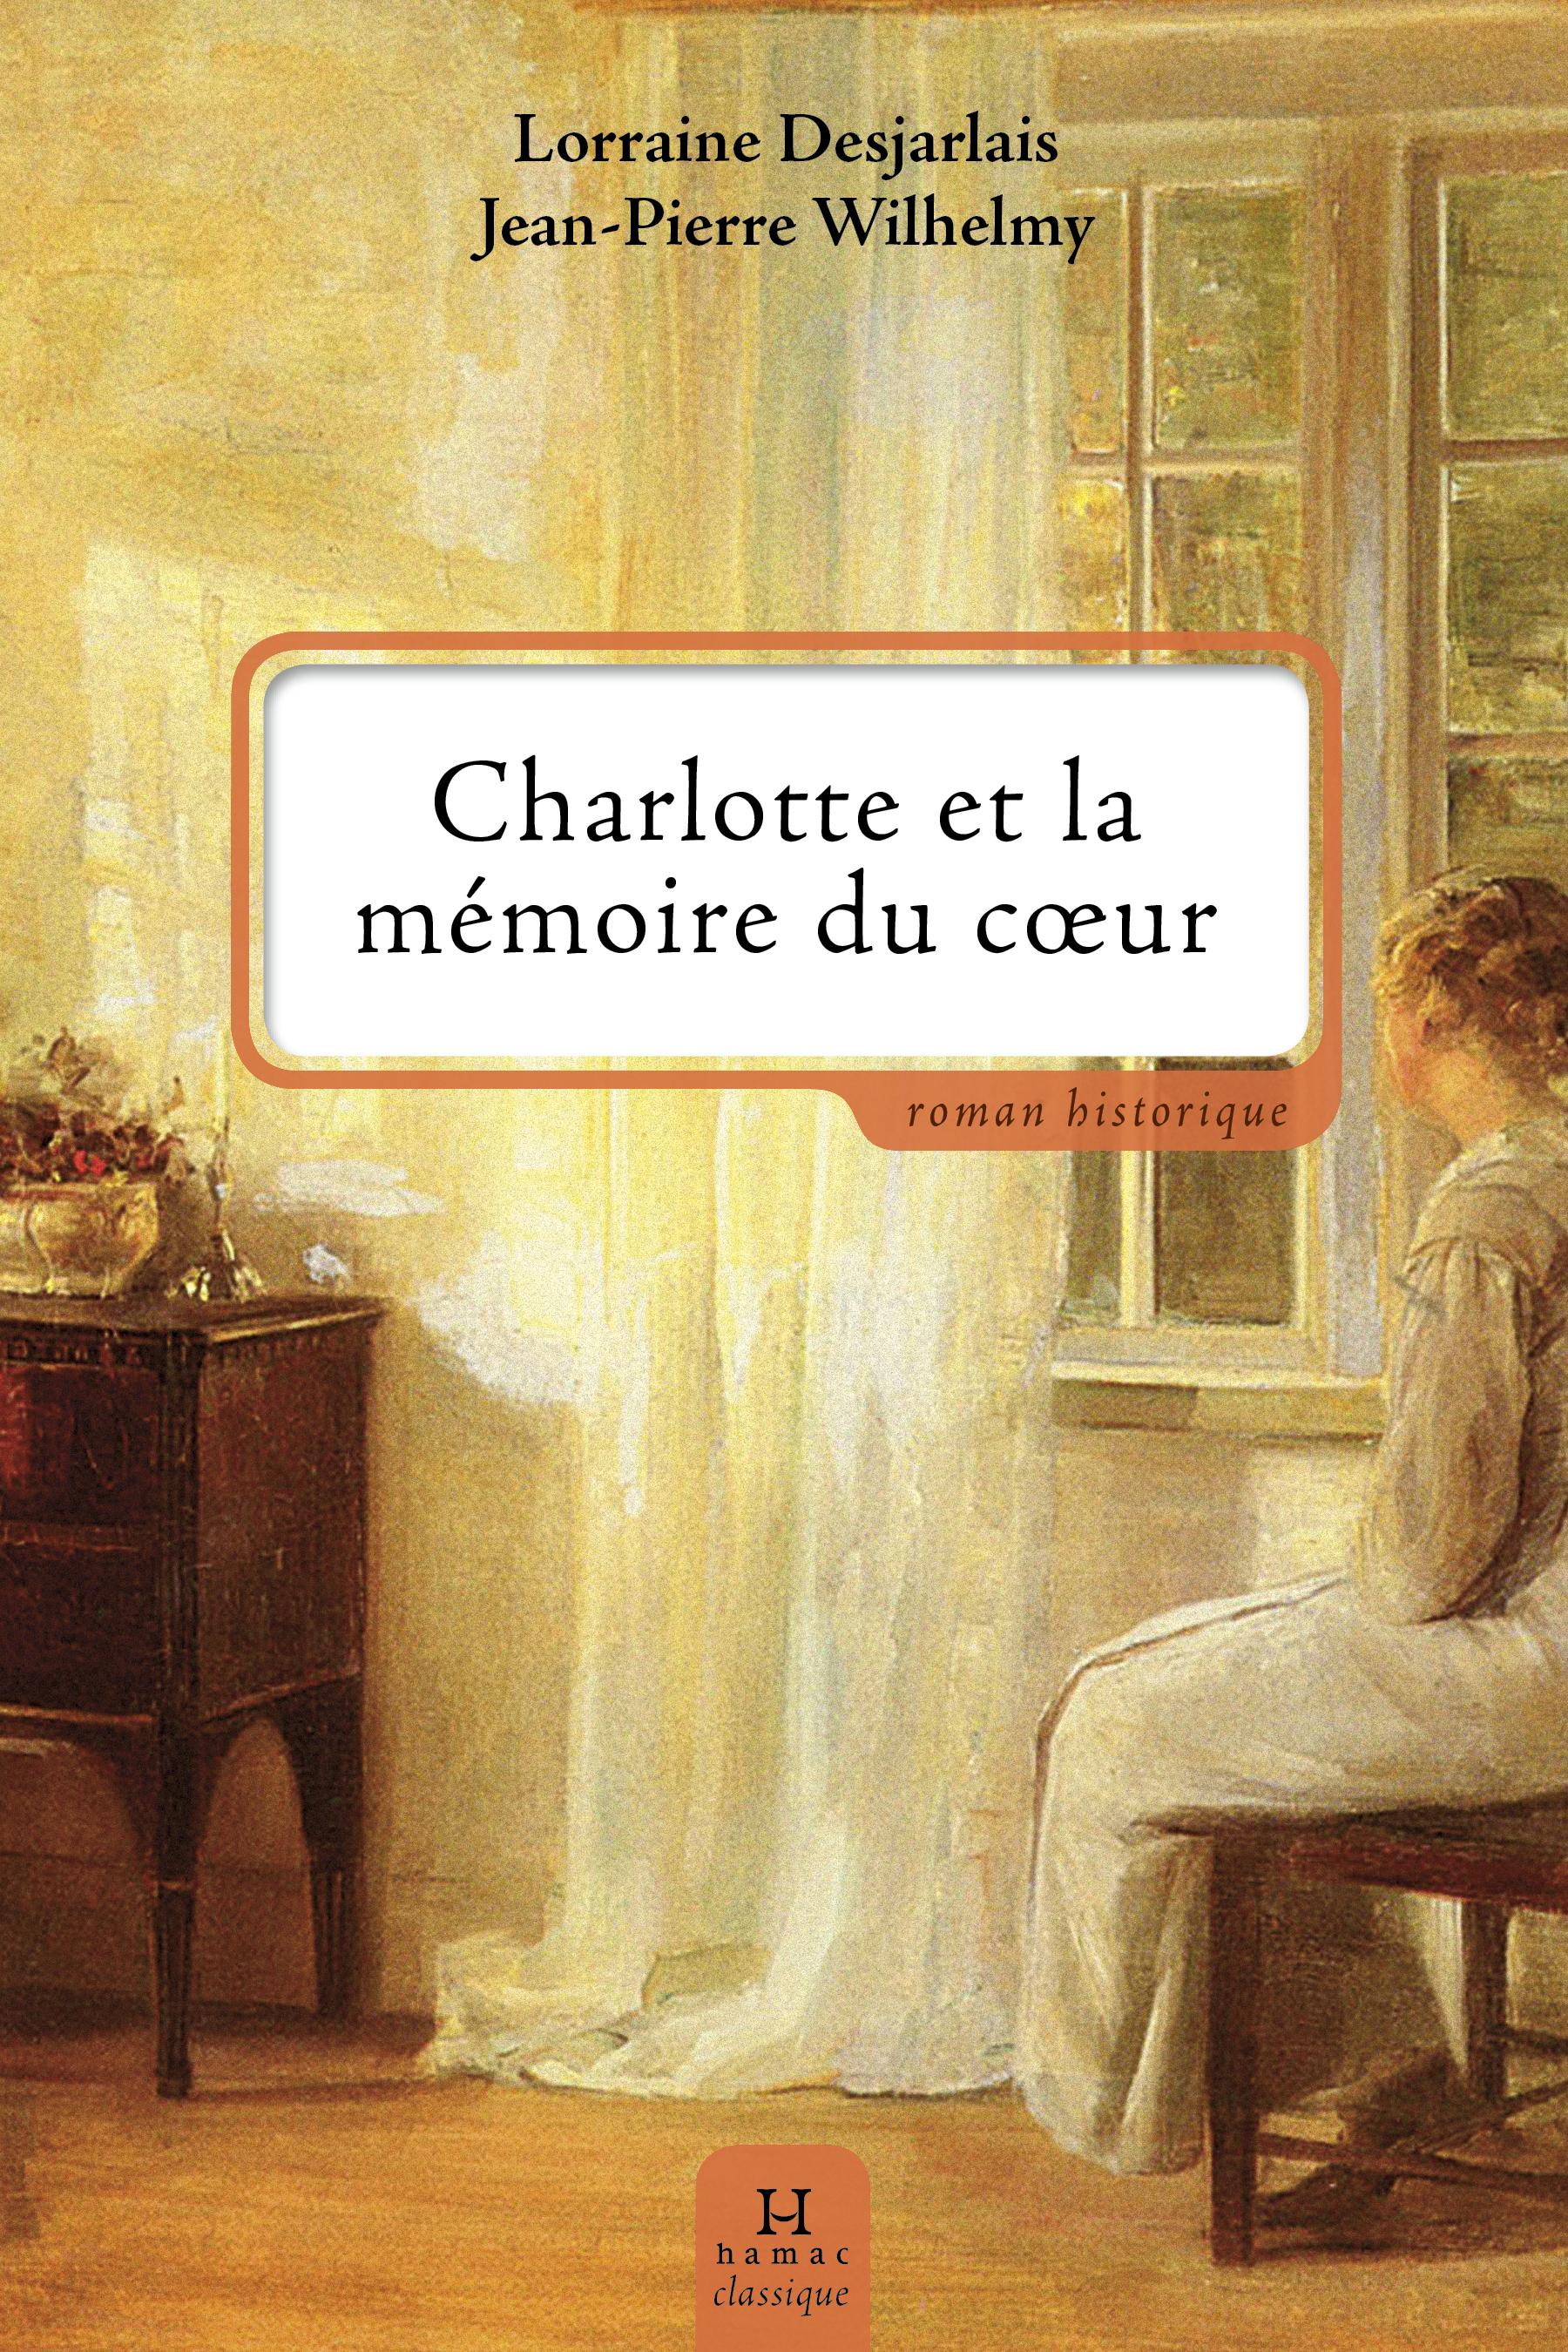 CHARLOTTE ET LA MEMOIRE DU COEUR